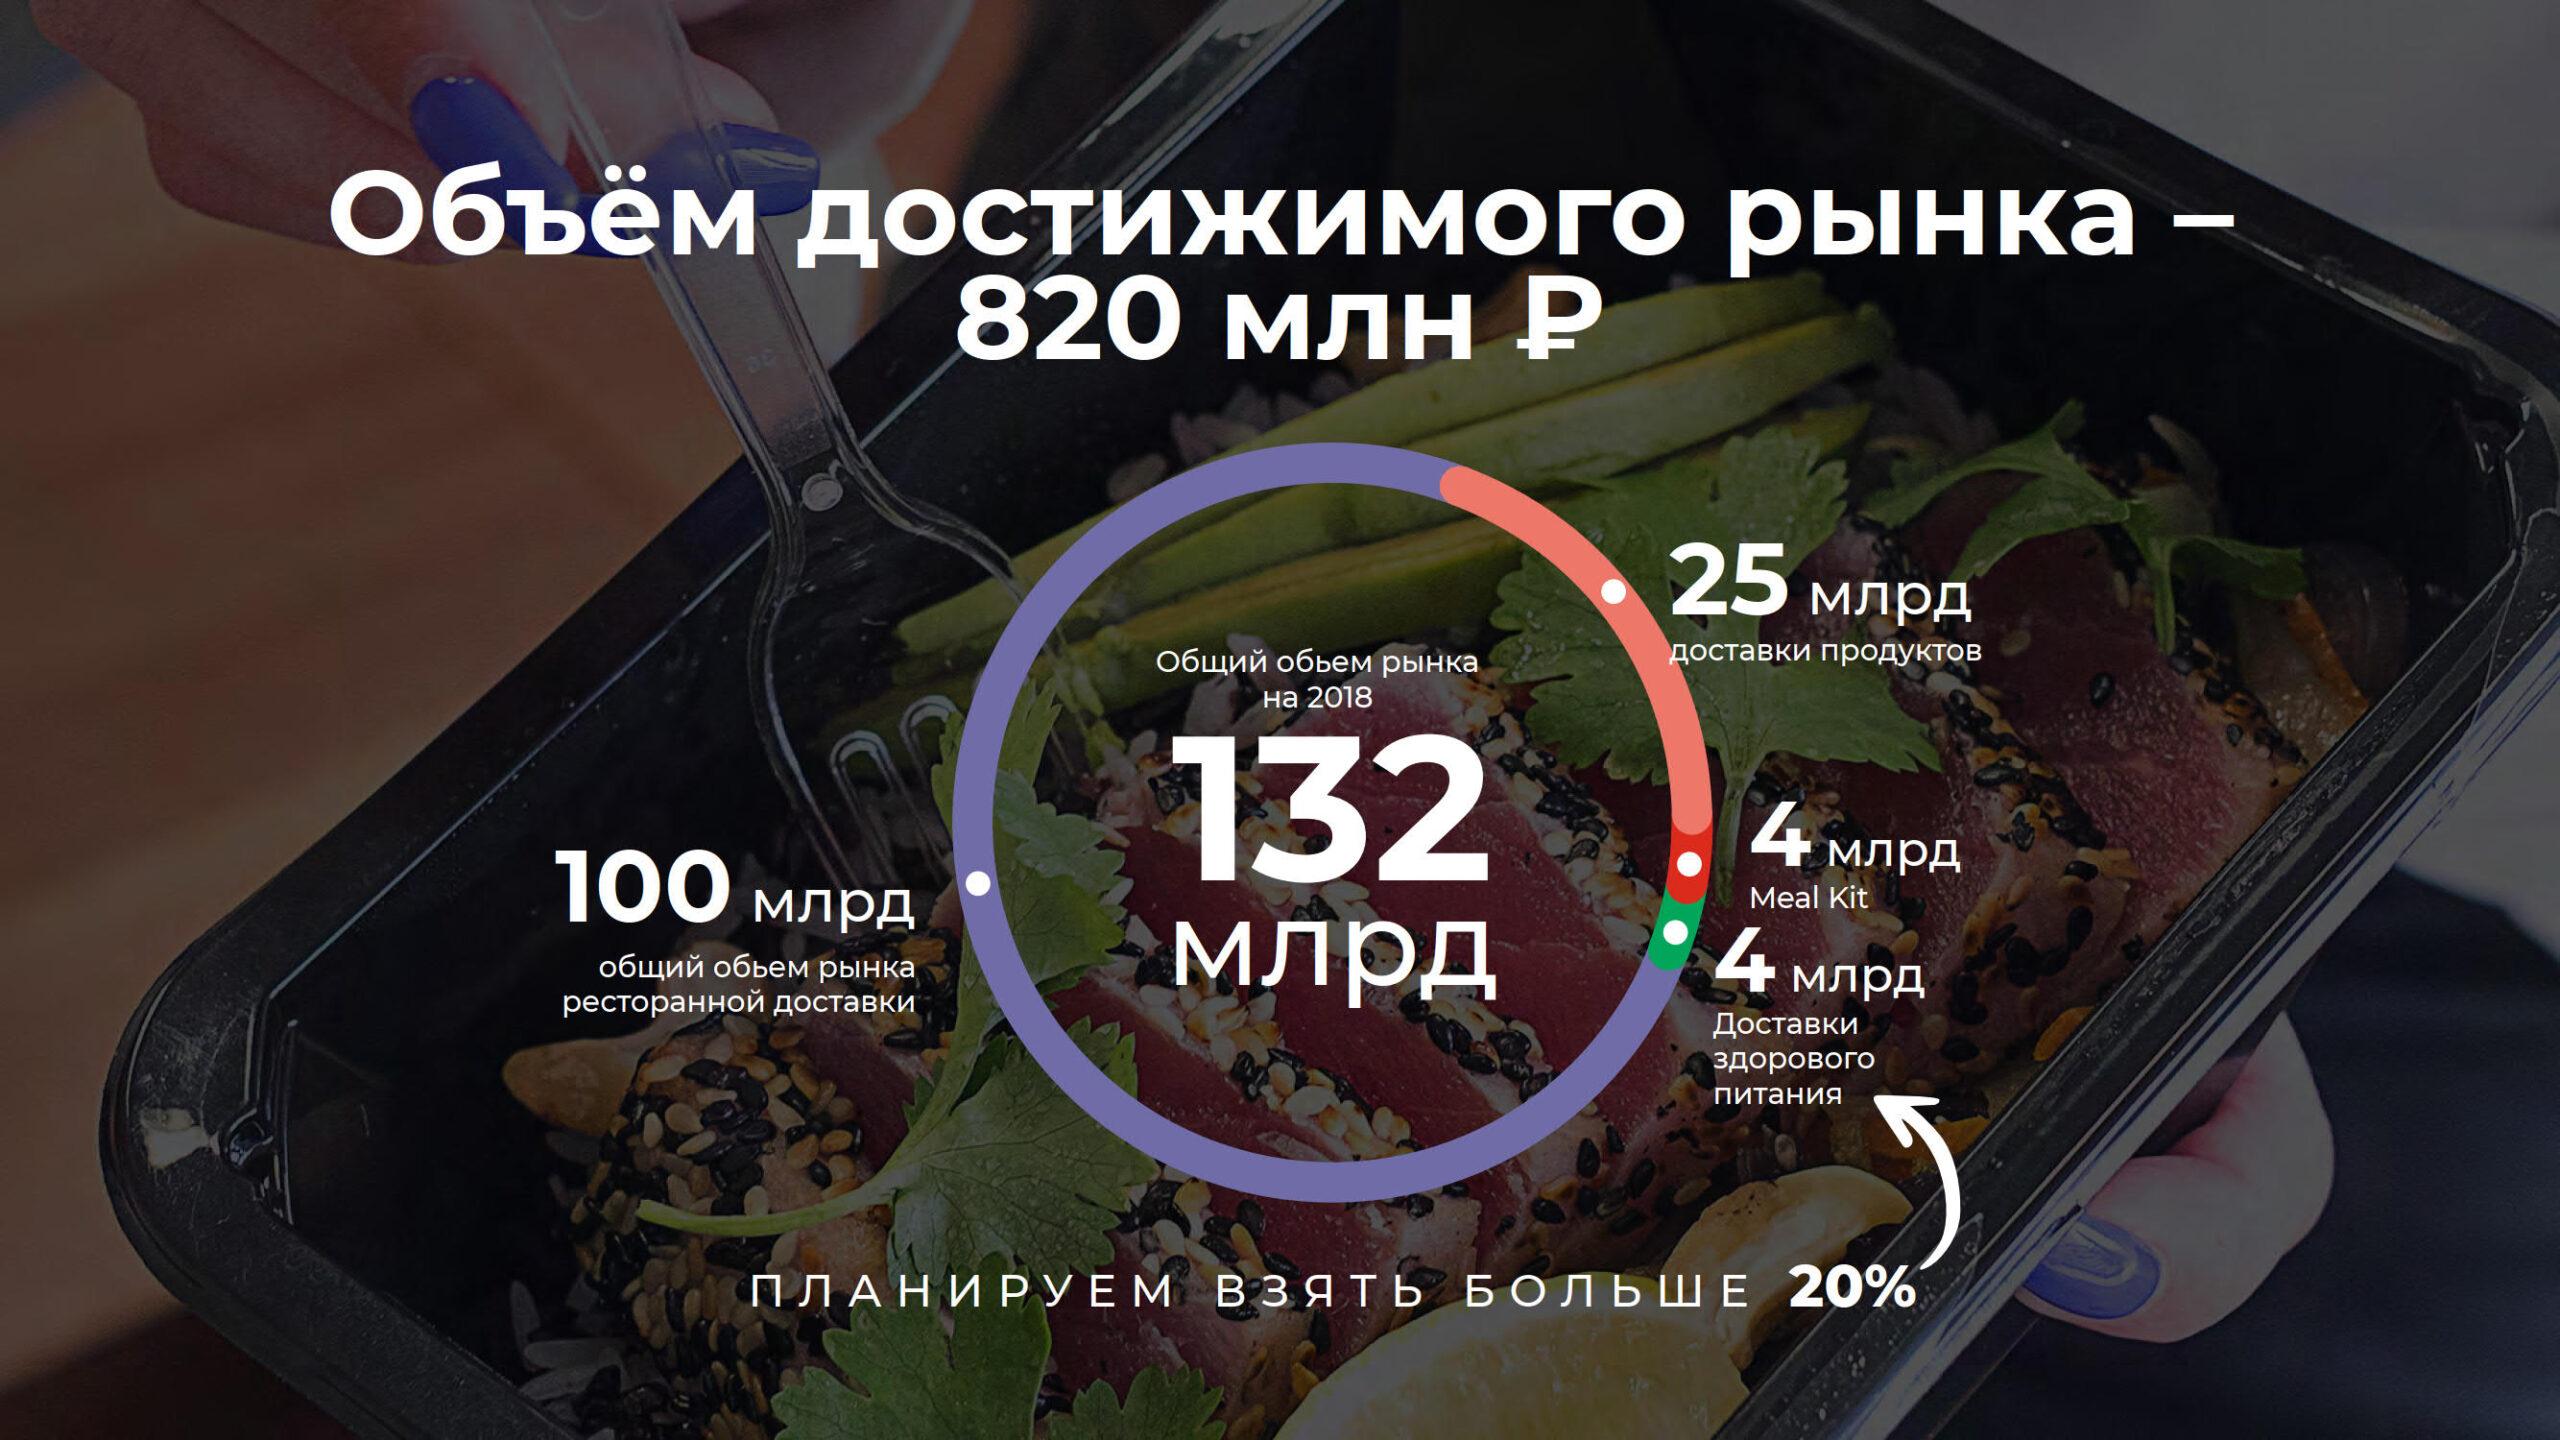 Презентация сервиса по доставке правильного питания «Foodtech»